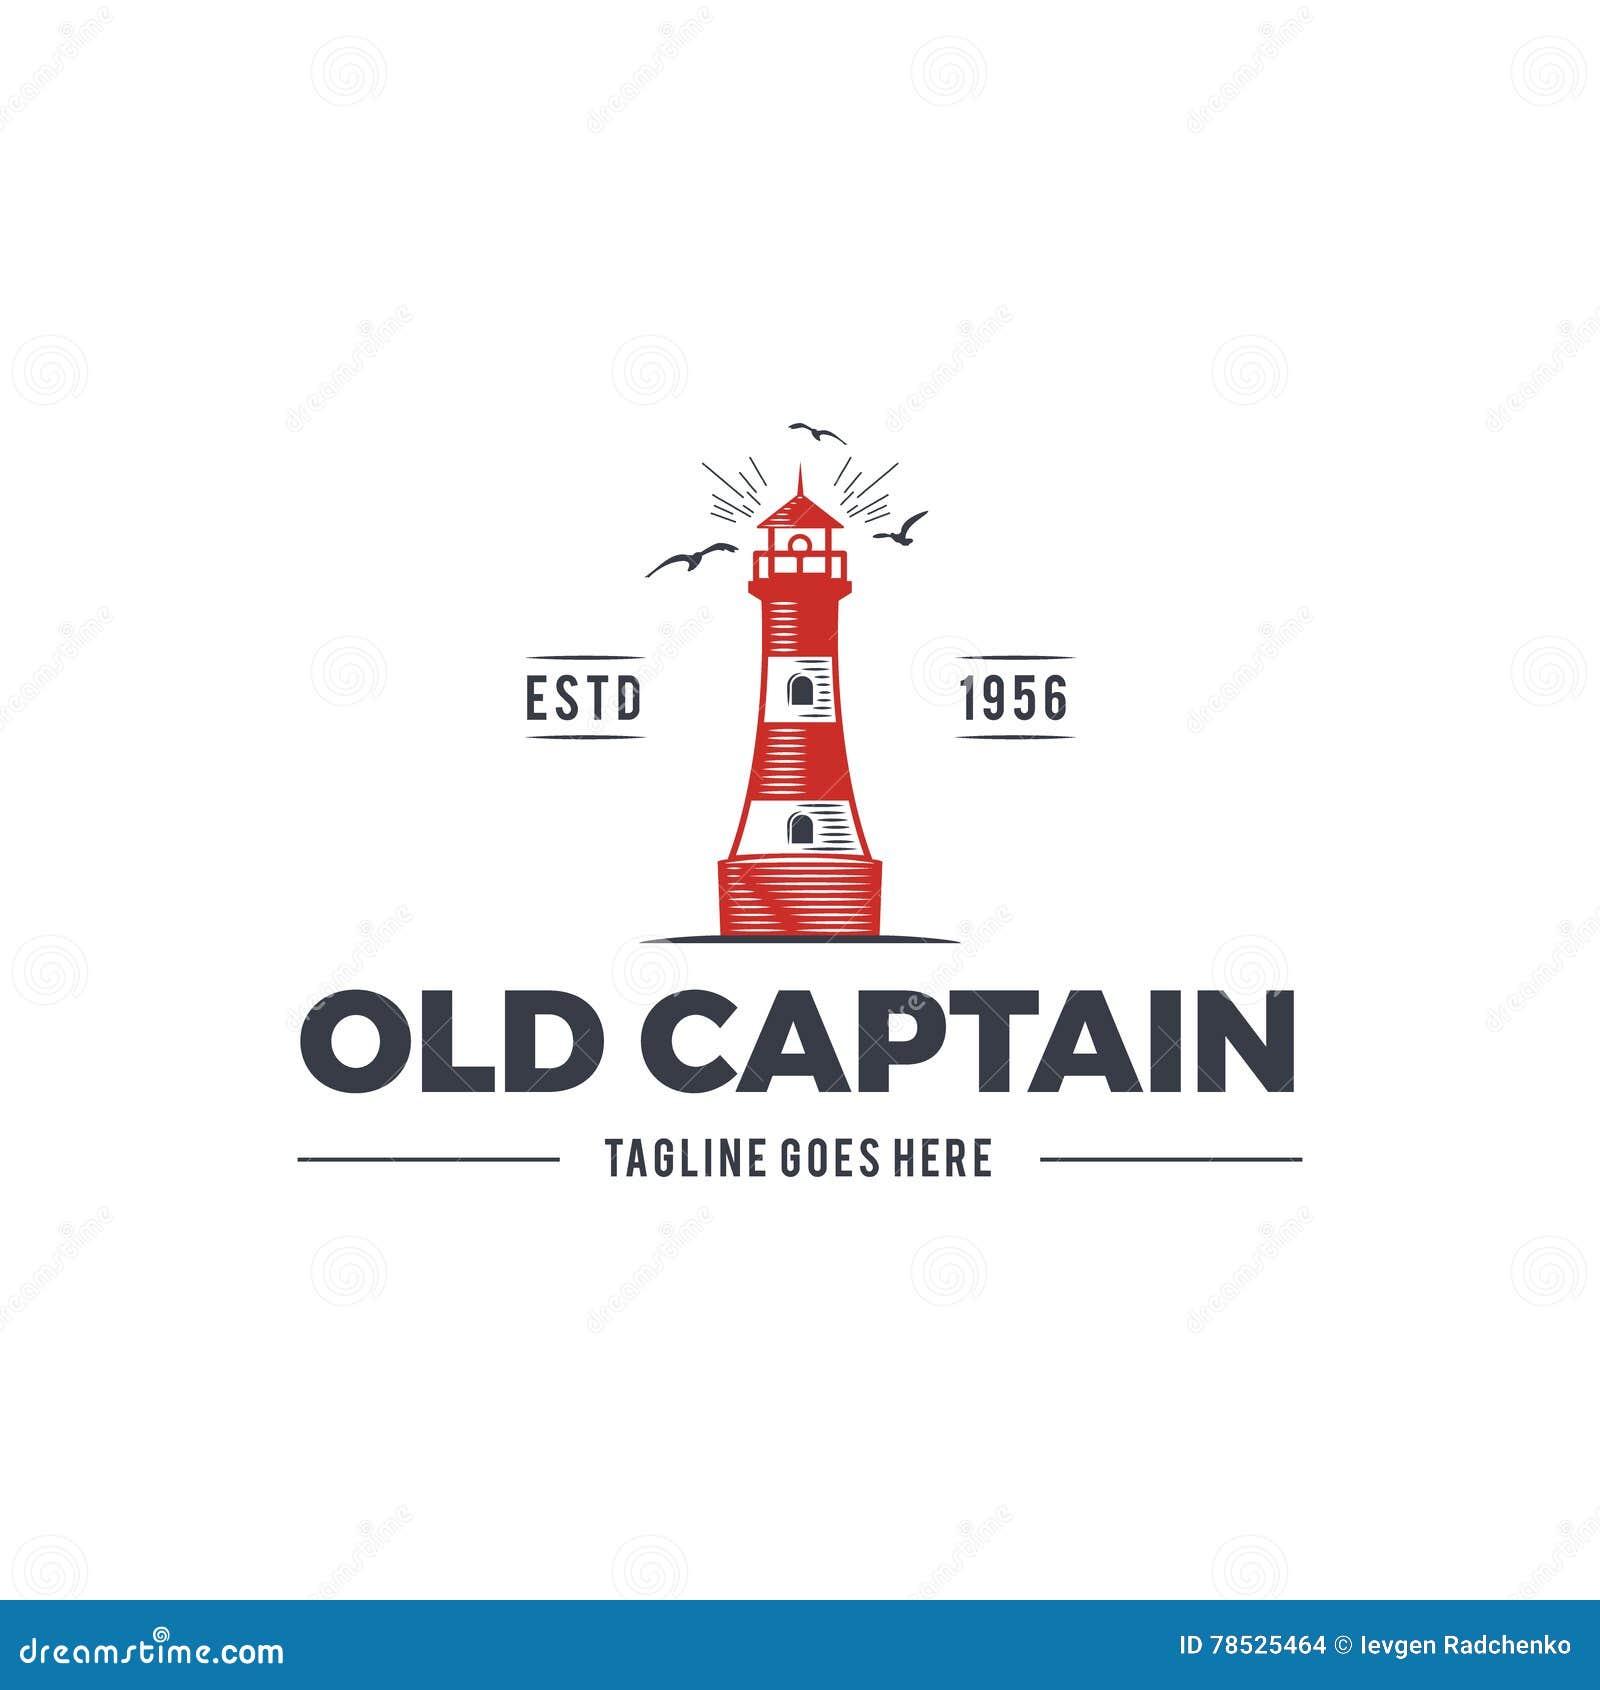 Ναυτικό σχέδιο λογότυπων, παλαιό έμβλημα καπετάνιου εικονιδίων με τα στοιχεία θάλασσας - ο φάρος, seagulls, ηλιοφάνεια που πλέει